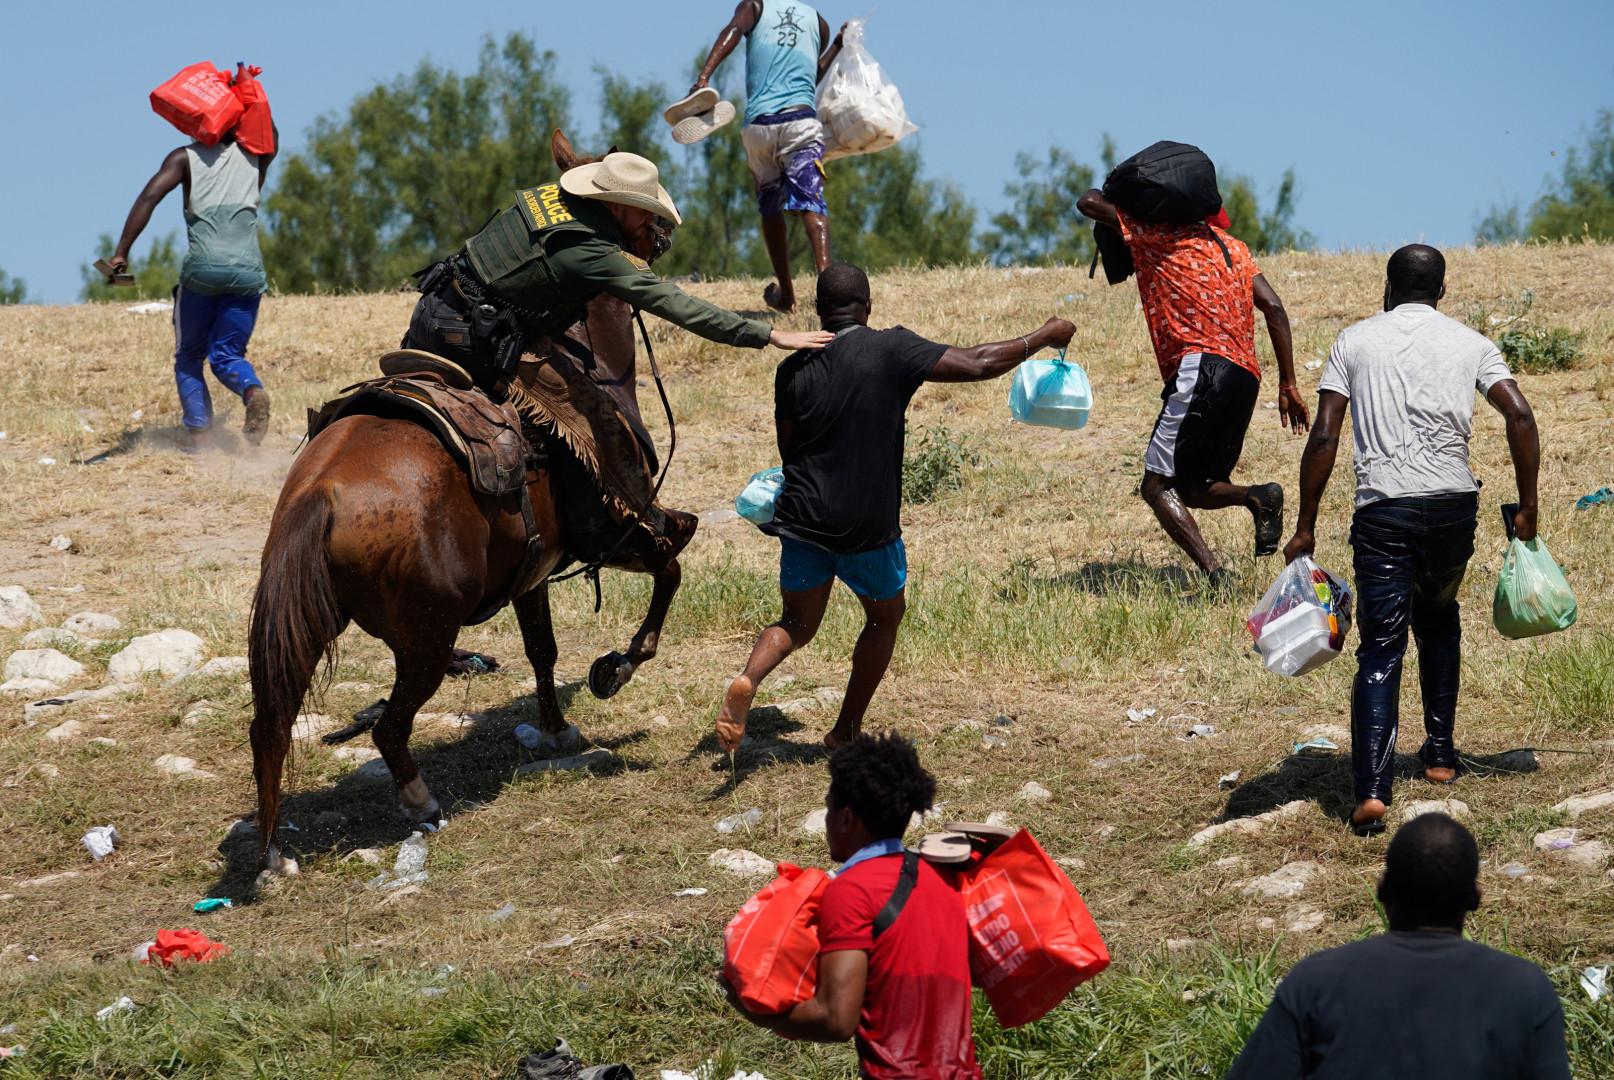 Une véritable chasse au migrant a eu lieu dimanche au Texas par des gardes-frontières